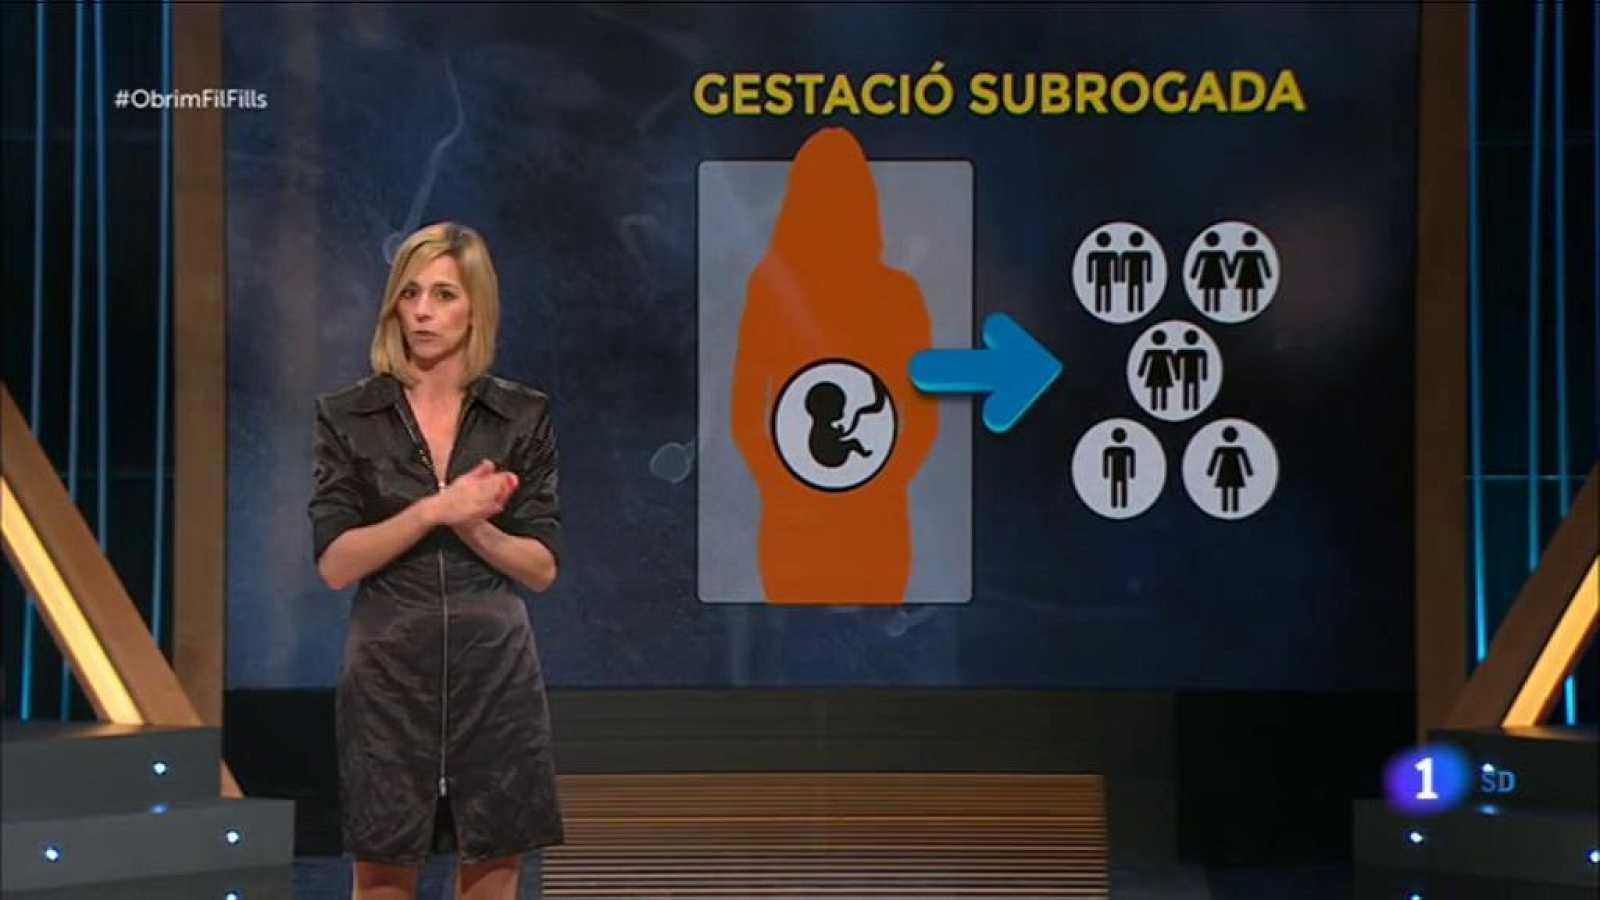 Obrim fil - L'Ana Boadas explica la gestació subrogada